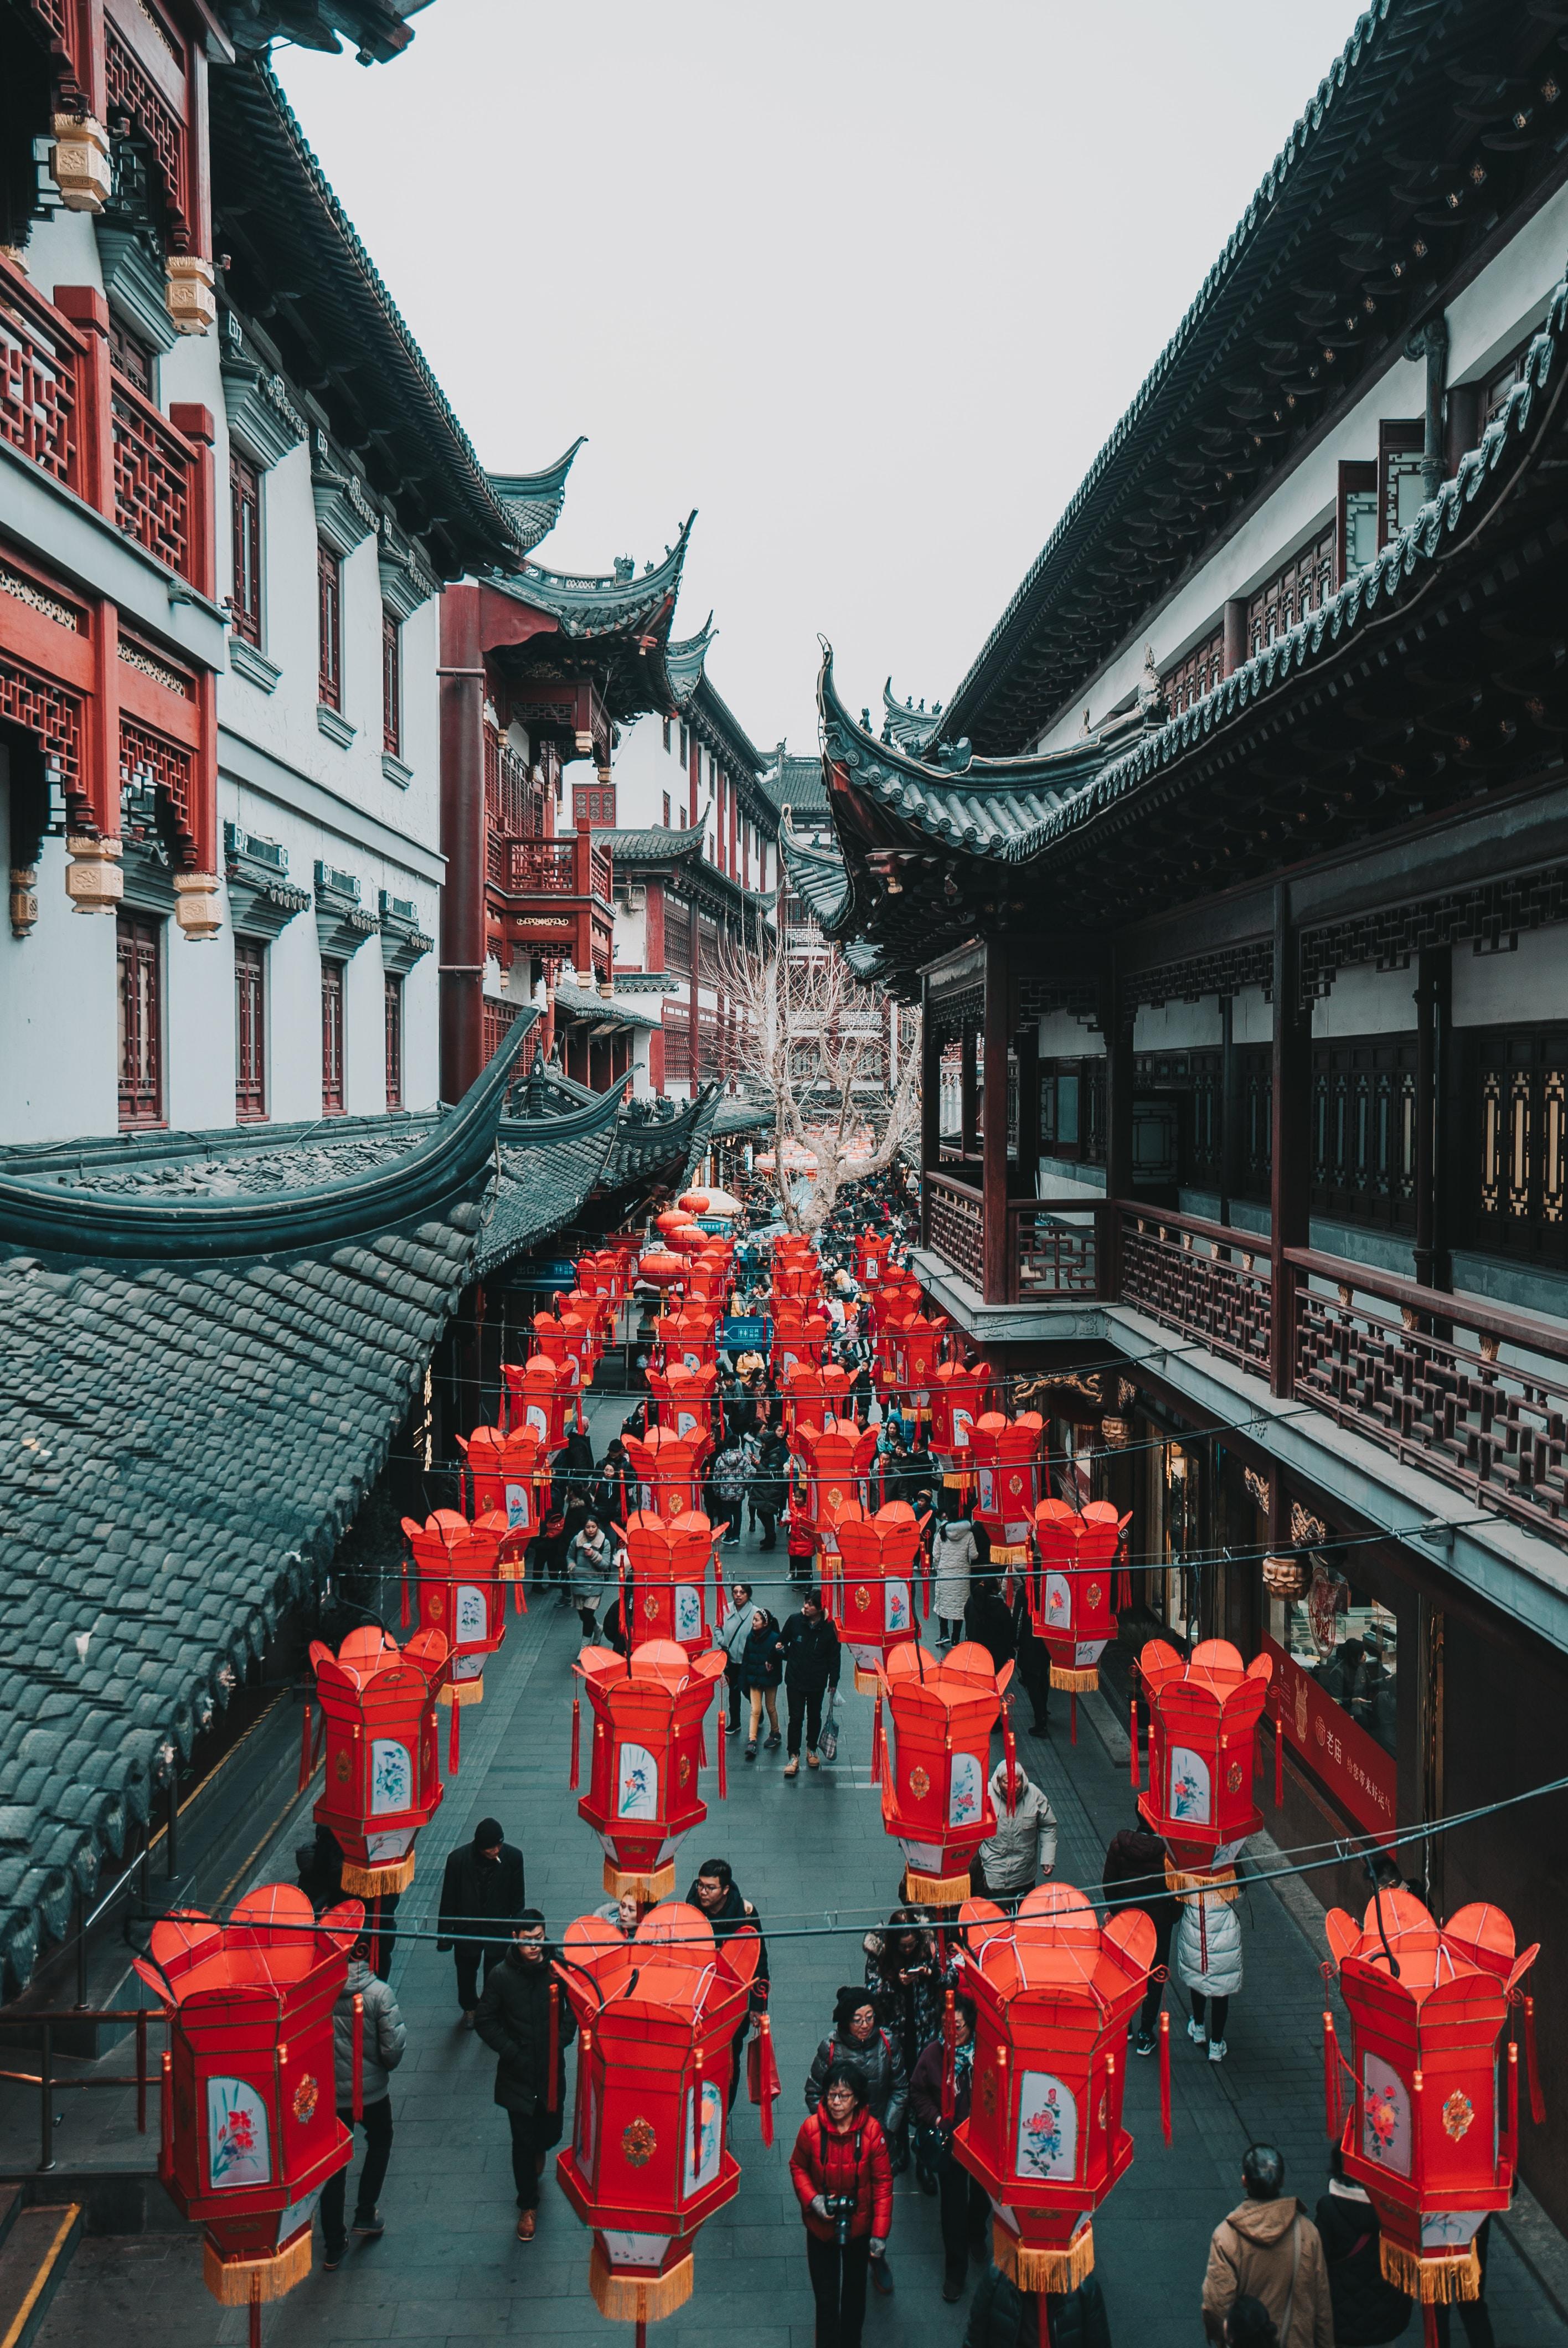 red paper lantern hanging